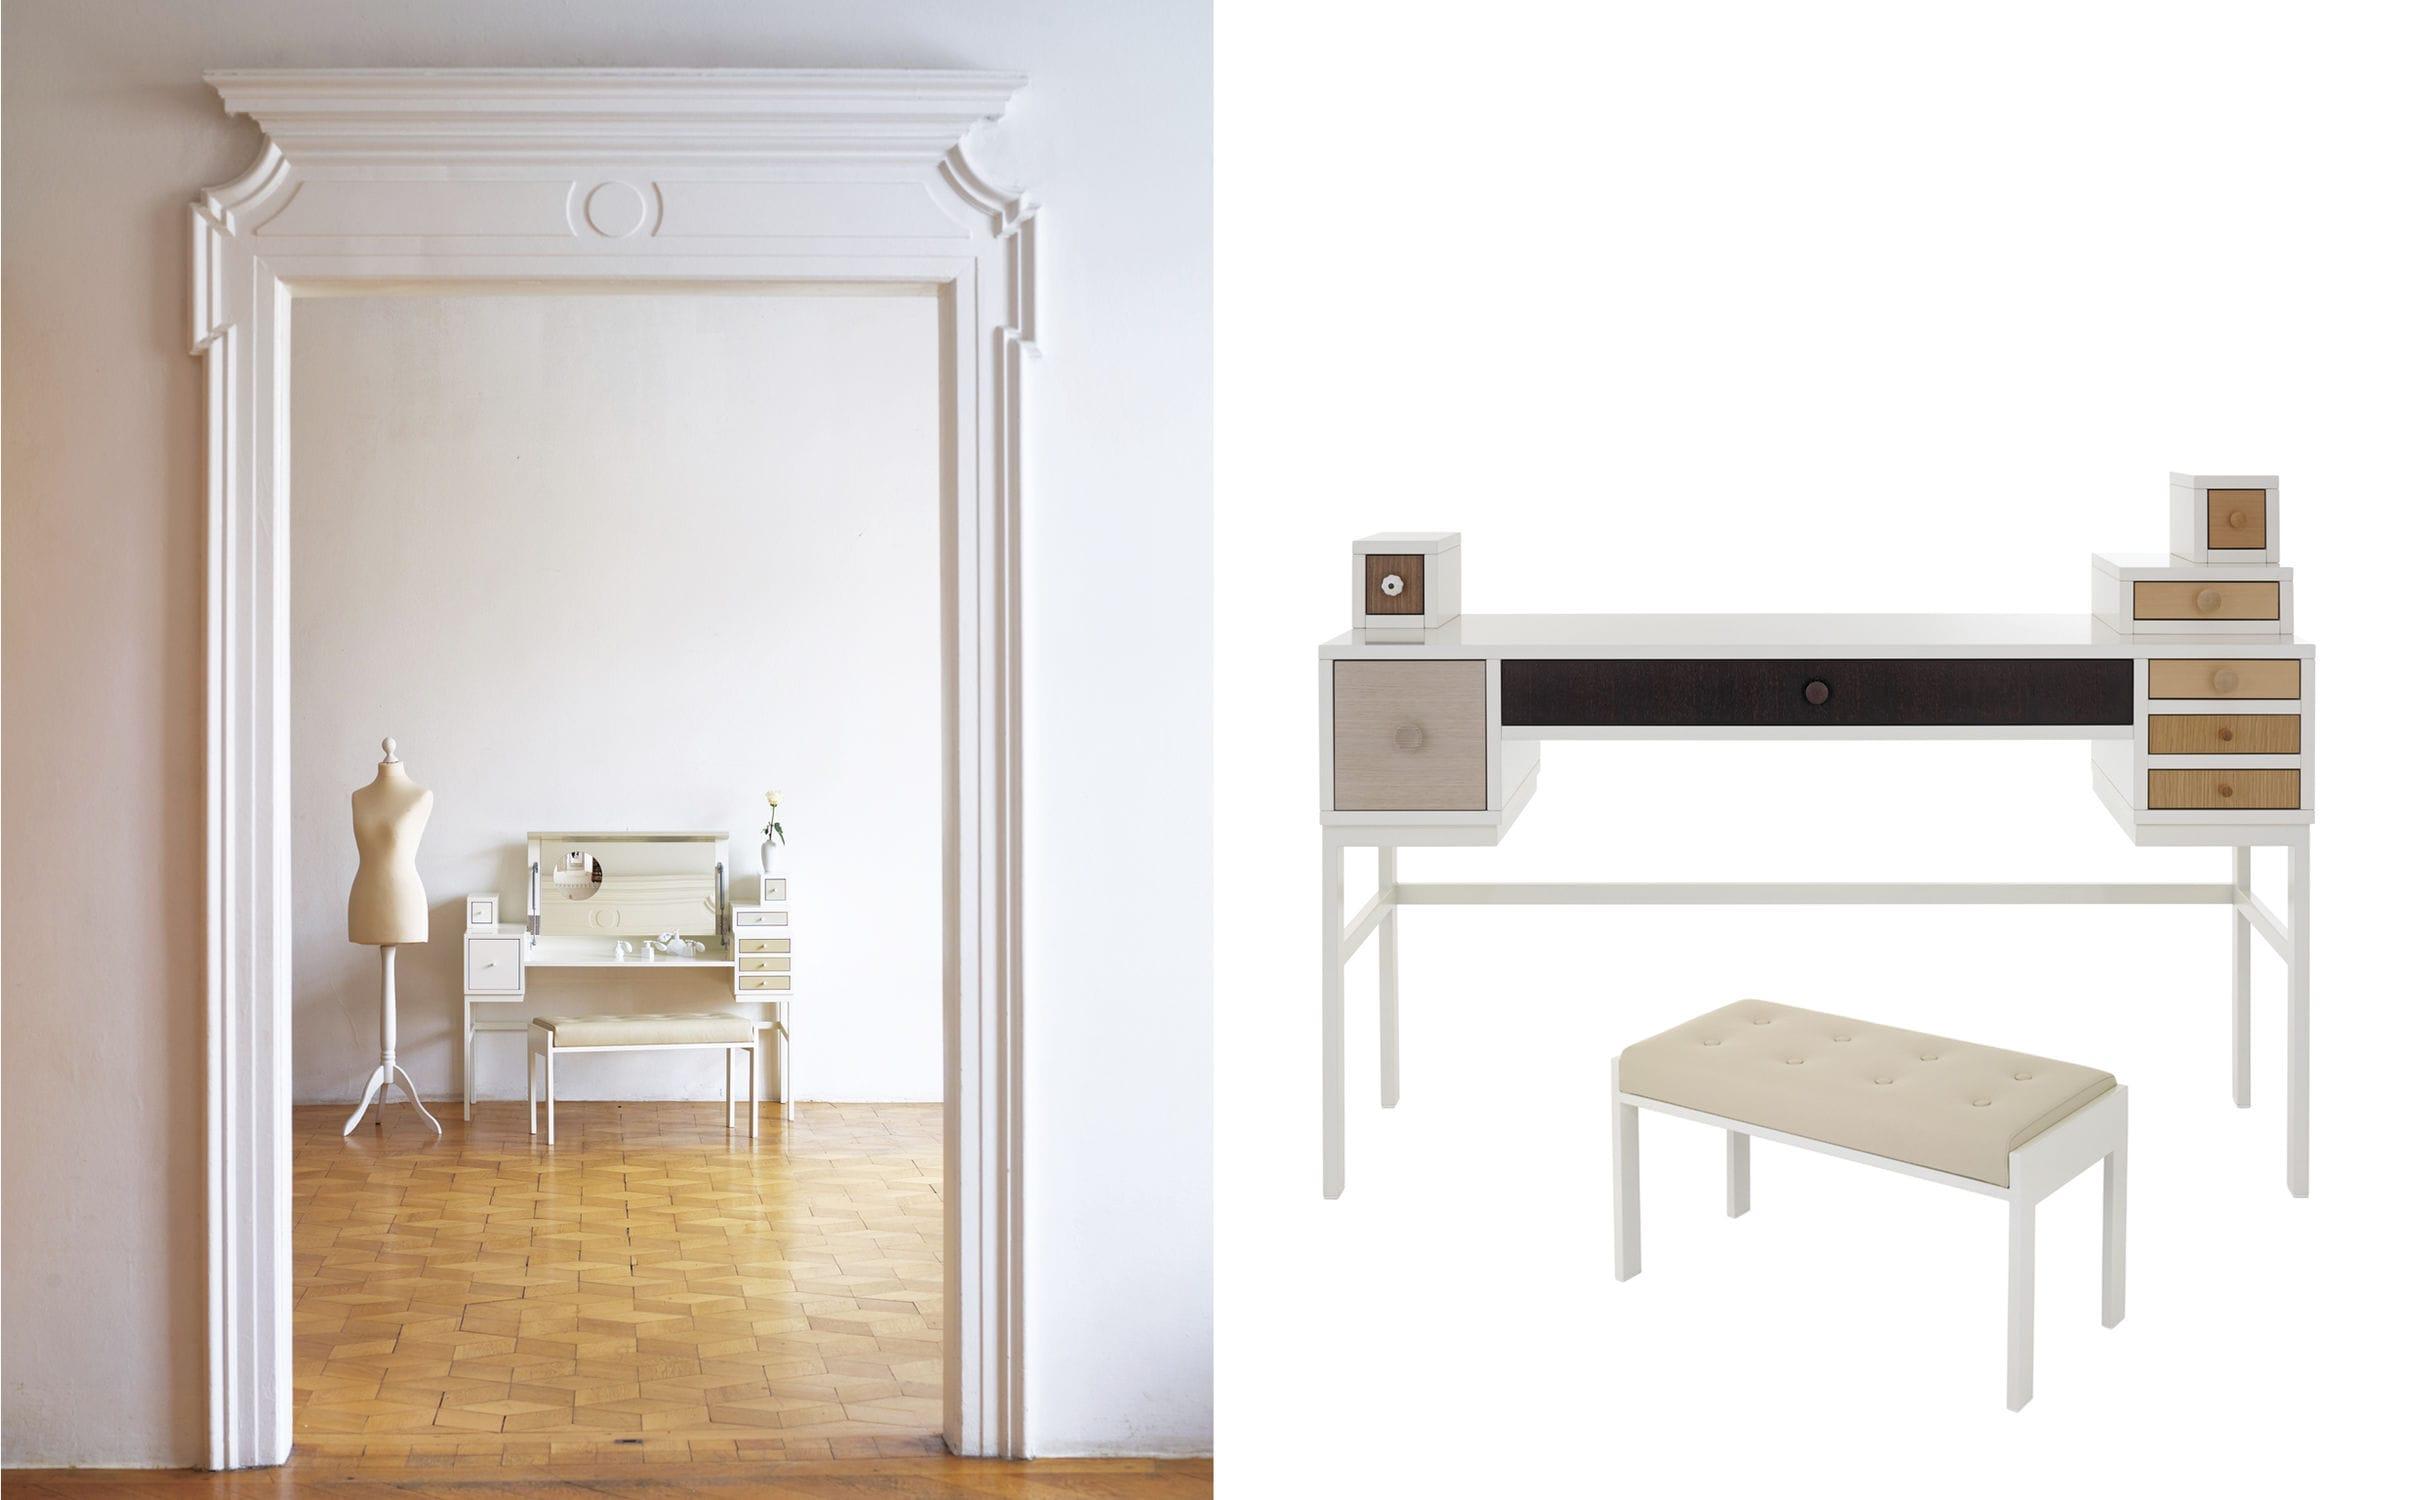 schminktisch mit spiegel collect wis design schonbuch - boisholz, Möbel